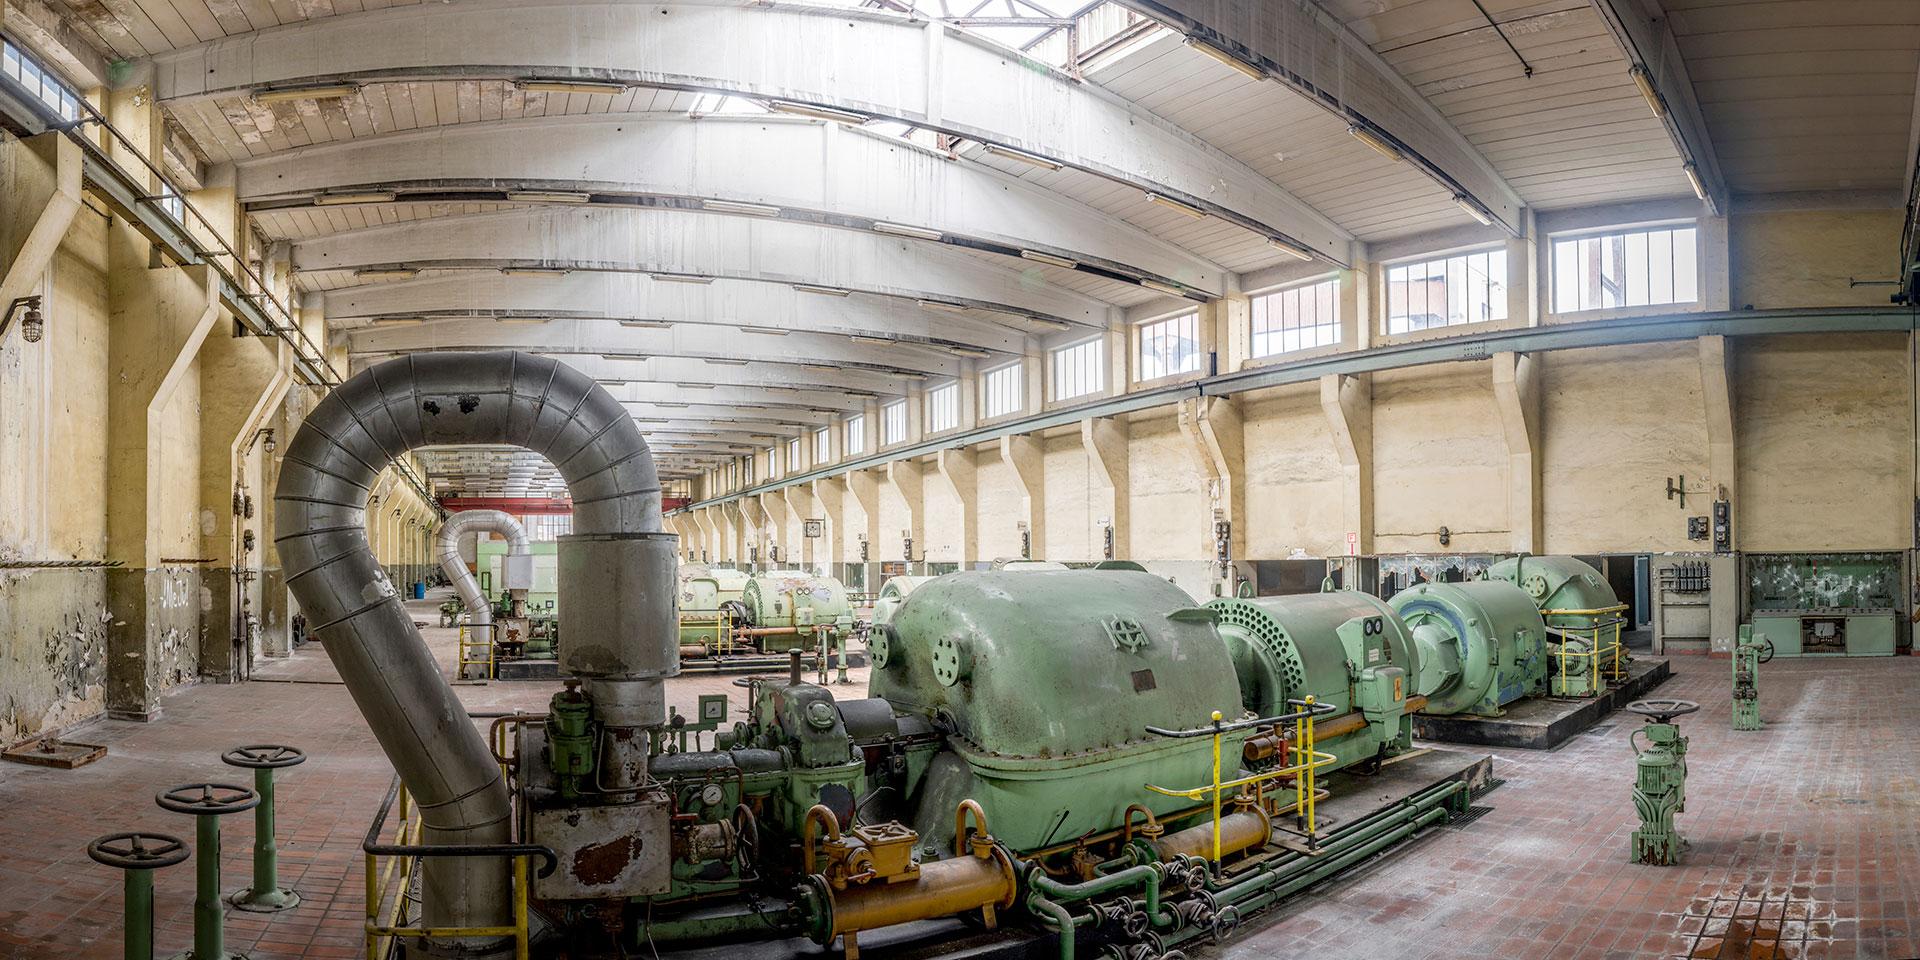 Welterbe Zollverein Kokerei - Saugerhaus/Kompressorenhalle - Essen